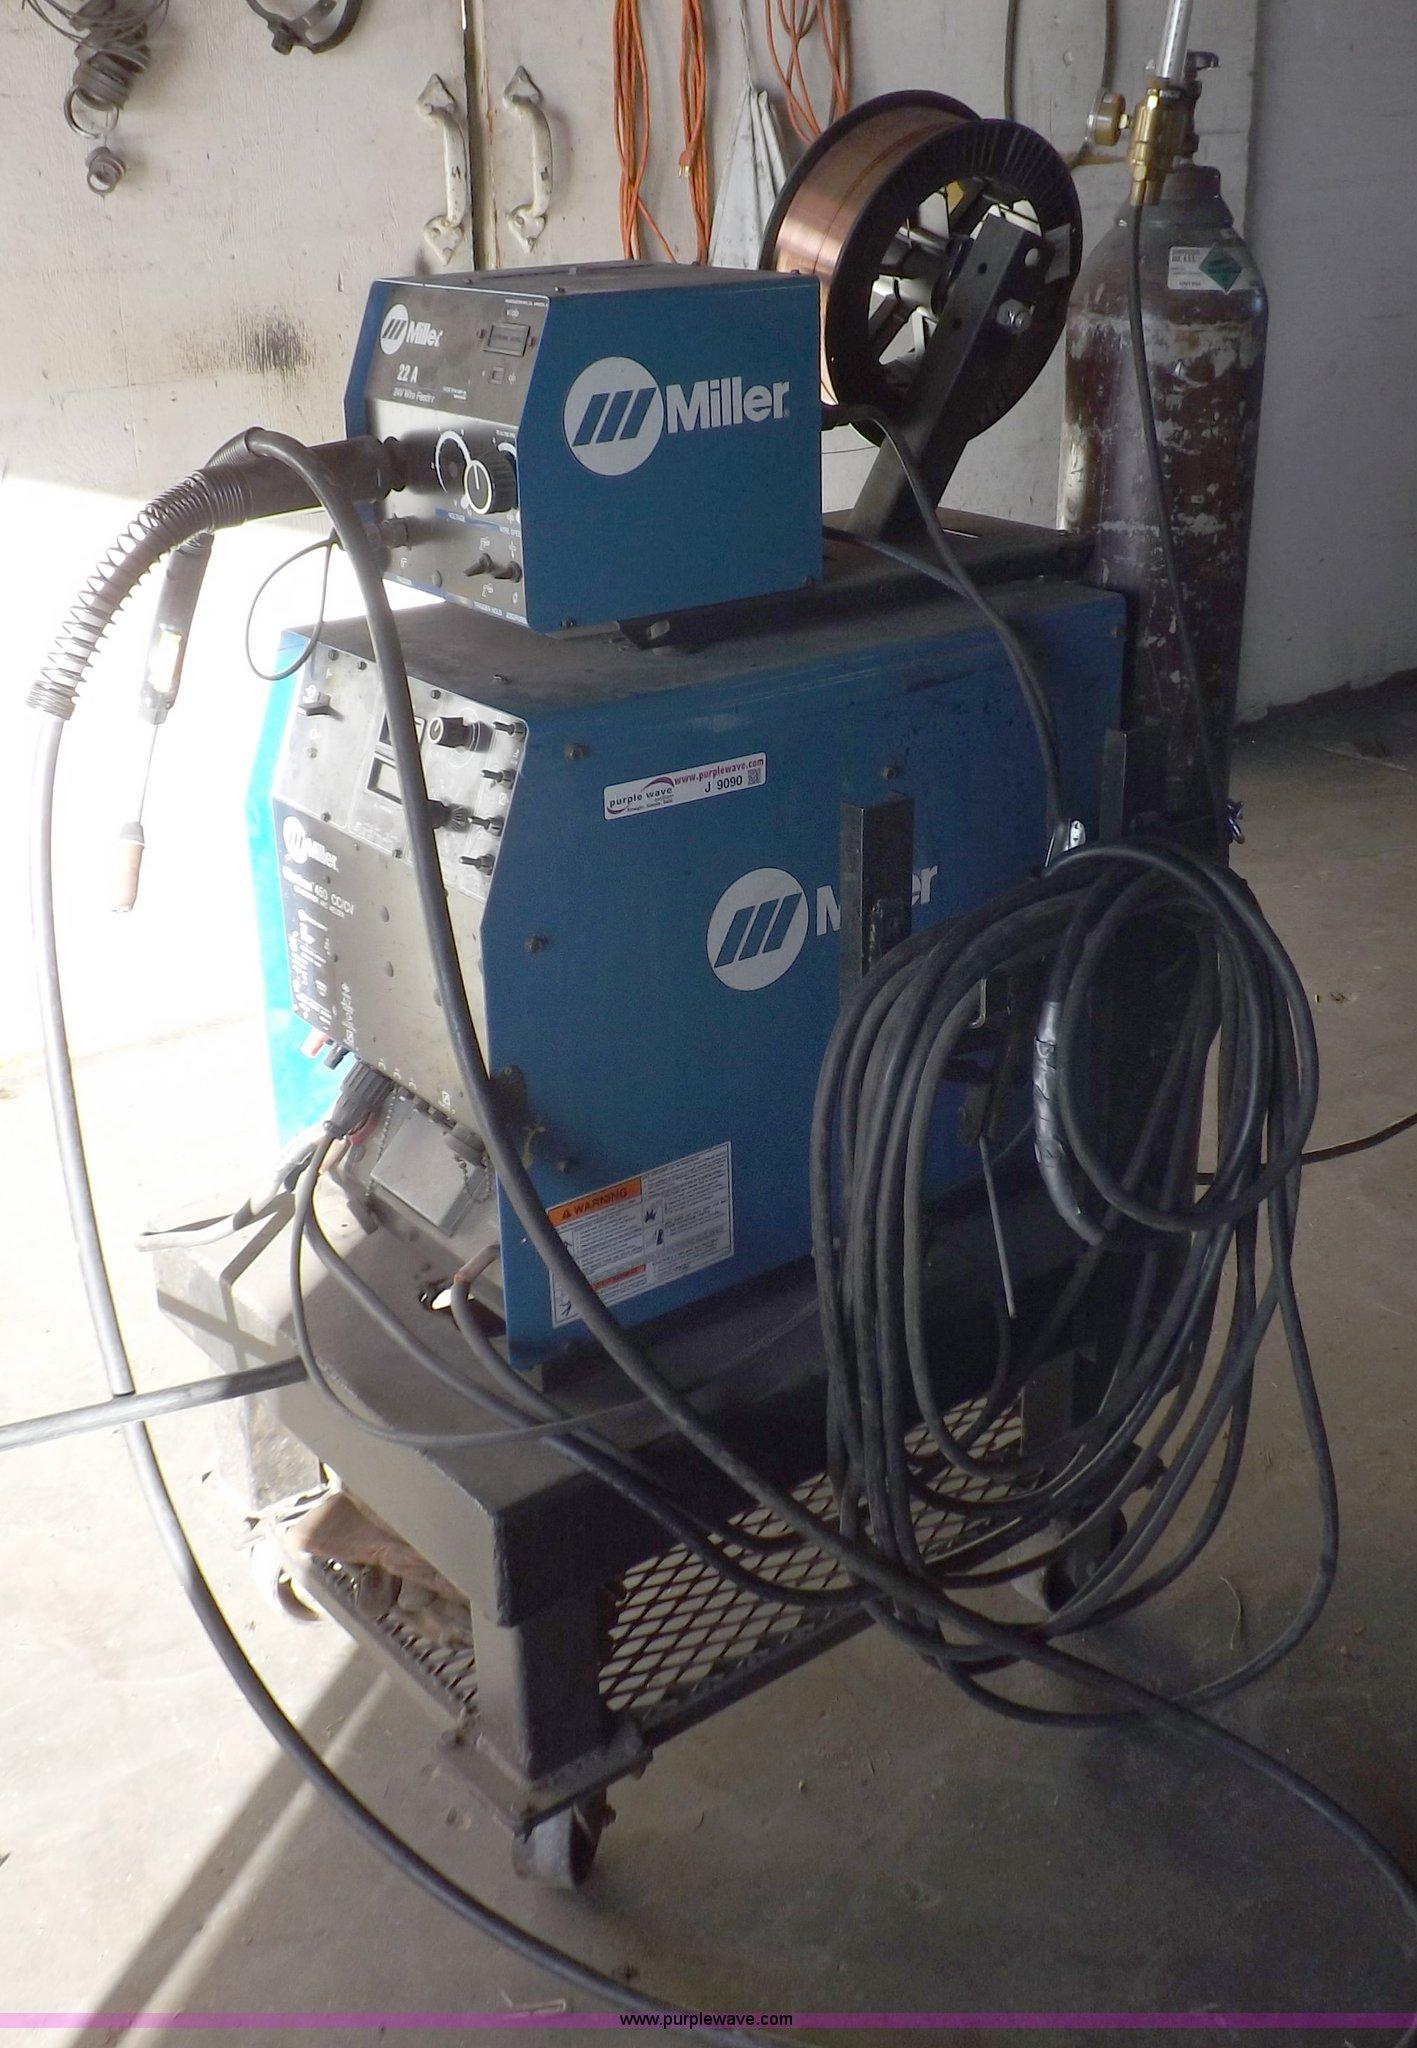 Miller Welder 450 Wiring Wire Center Xmt 3 Diagram Maxtron Cc Cv Dc Inverter Arc Item J9090 Rh Purplewave Com Mig Cart Deltaweld